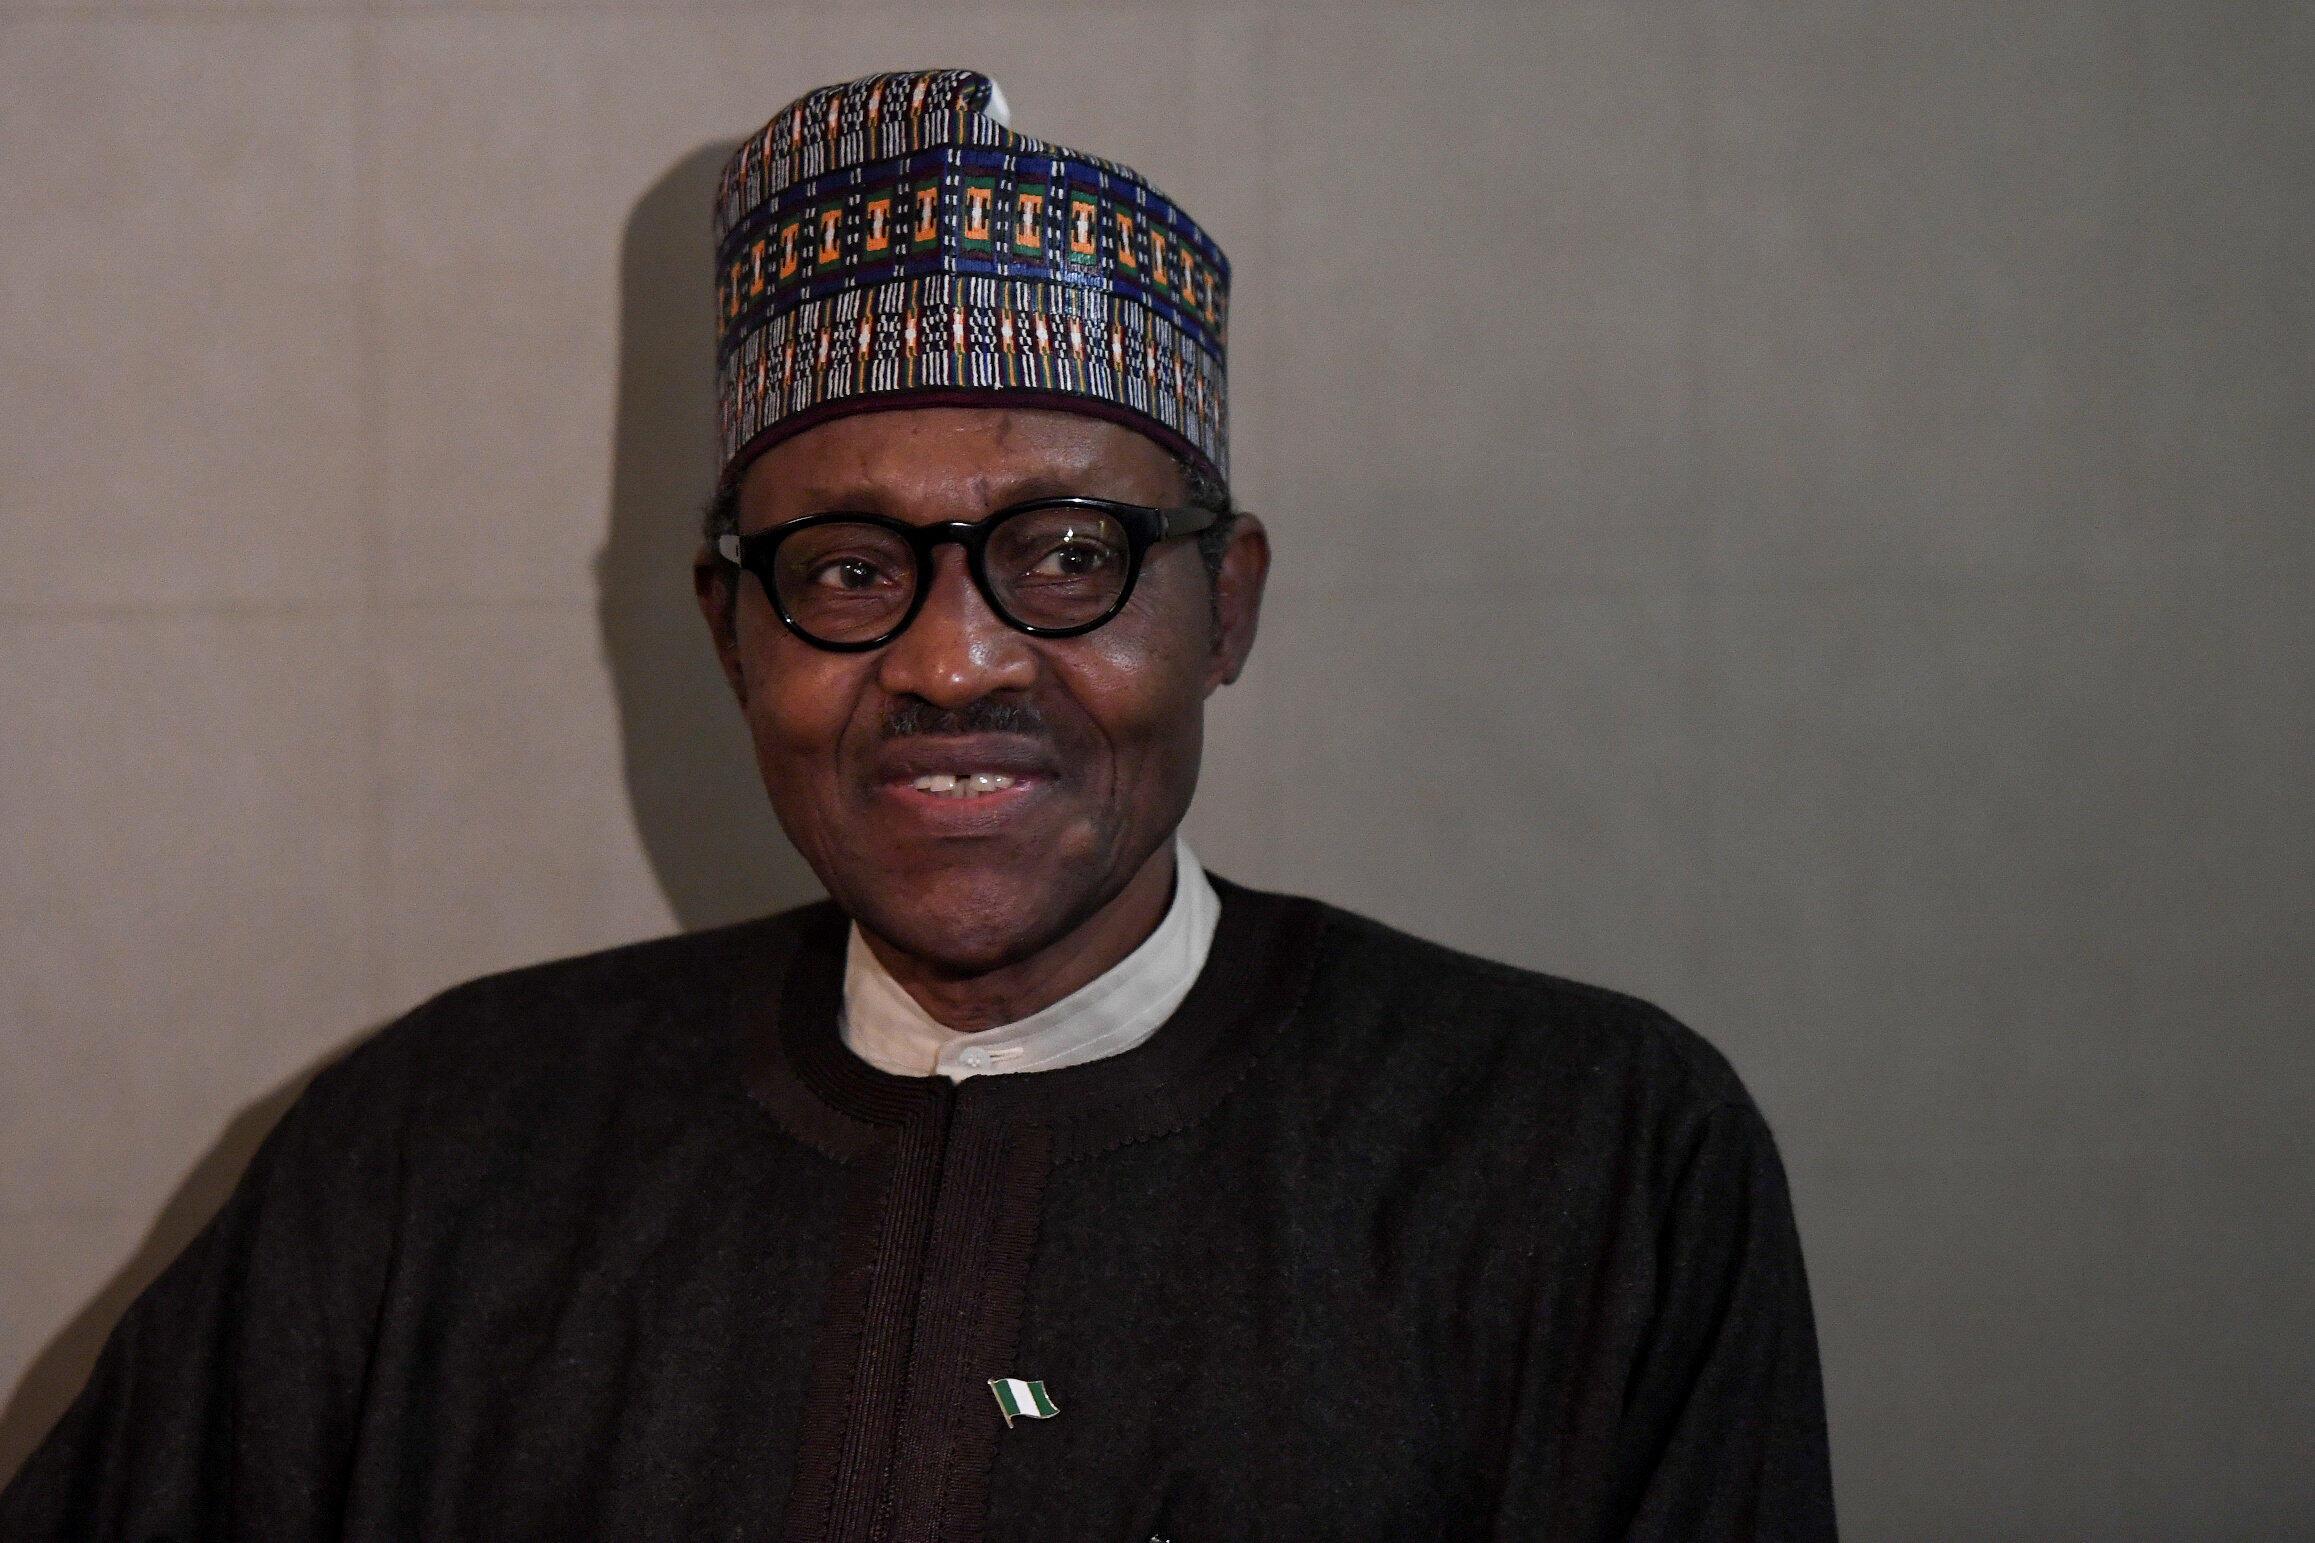 Le président nigérian Muhammadu Buhari aux Nations unies à New York le 28 septembre 2018.